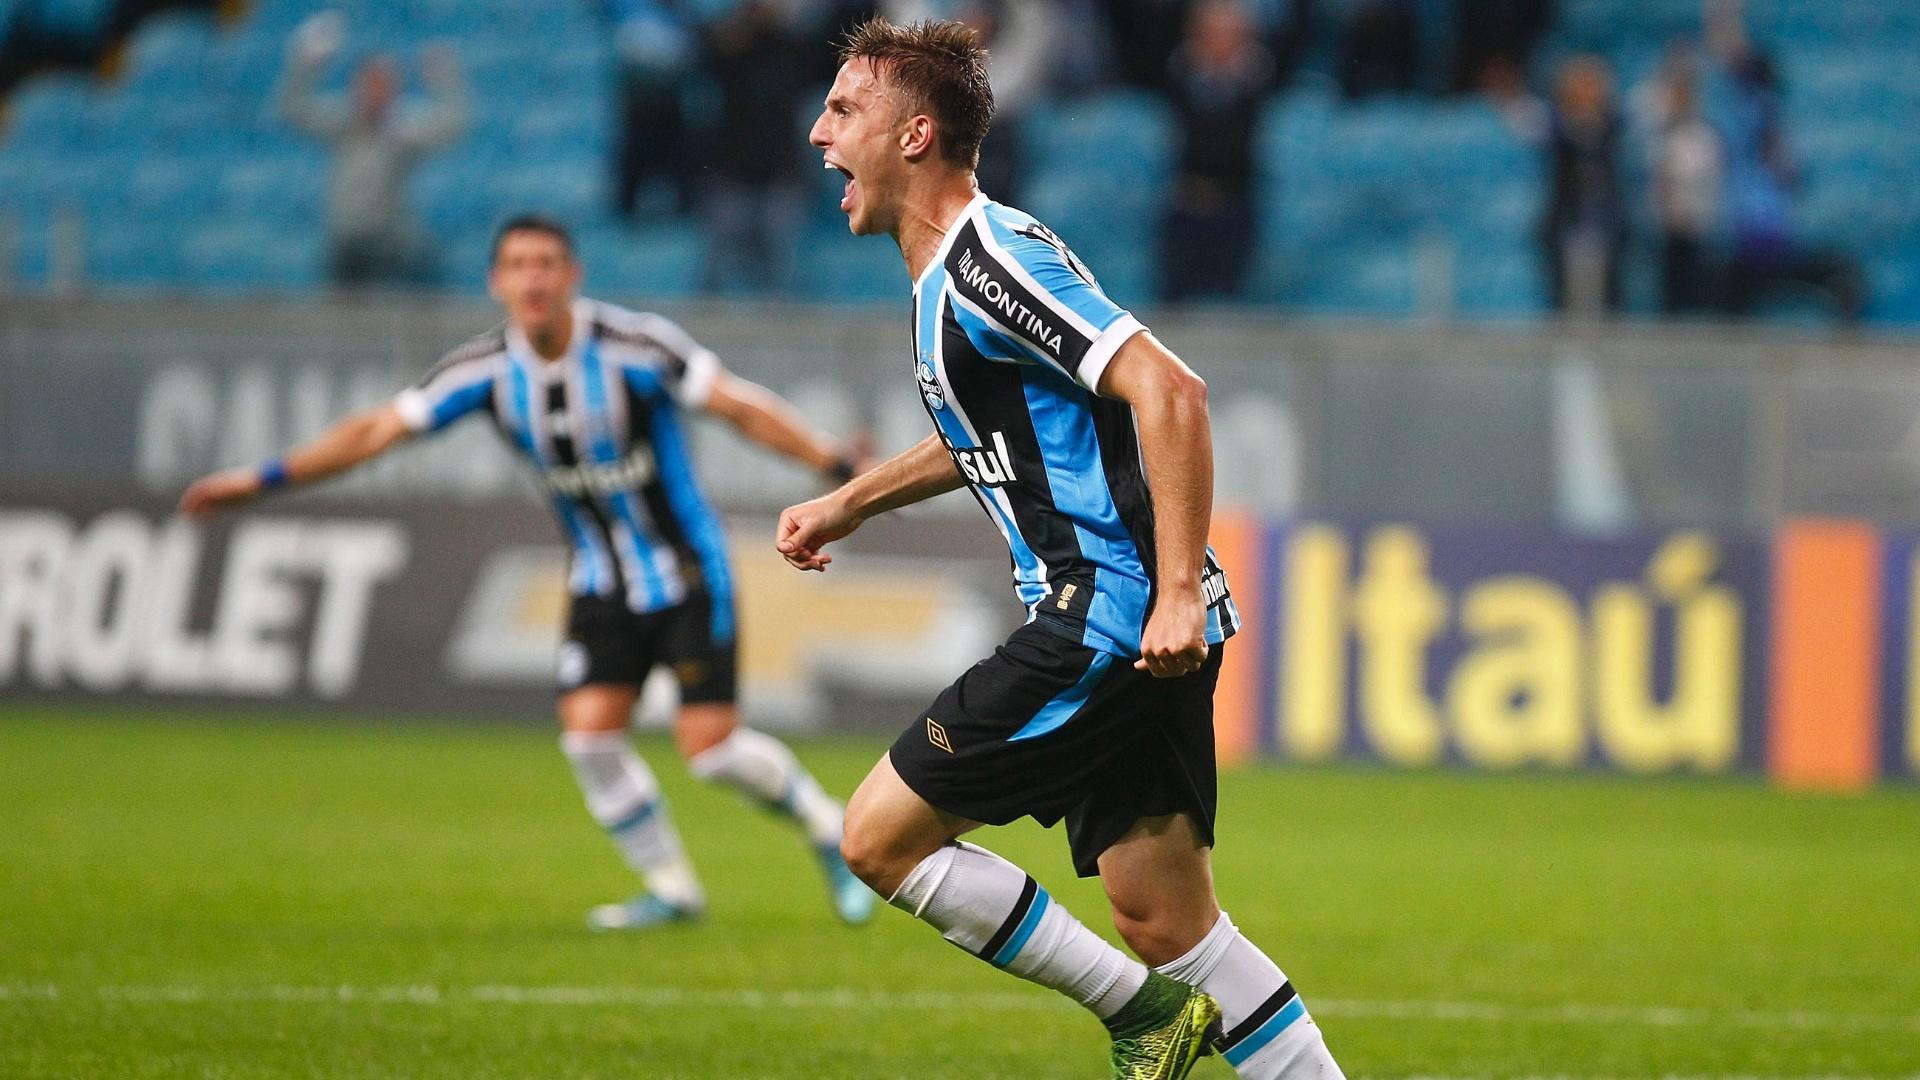 Bressan abre o placar para o Grêmio contra o Santos em partida válida pela 30ª rodada do Campeonato Brasileiro